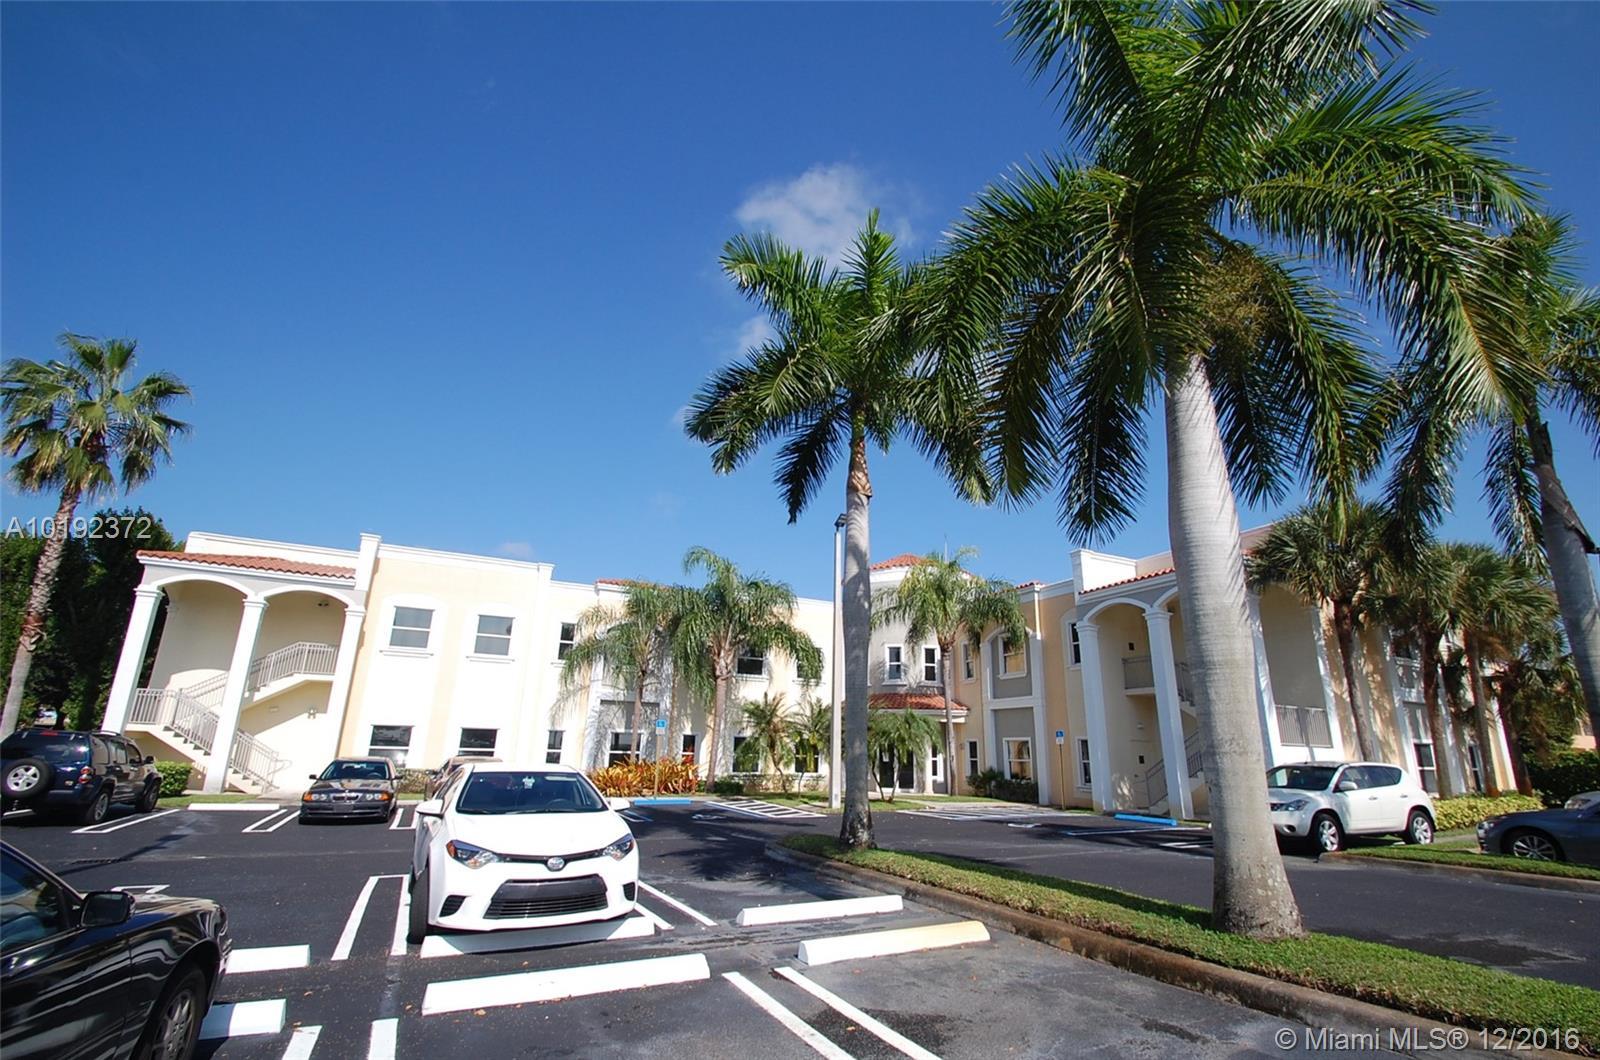 11981 SW 144th Ct # 108, Miami, FL 33186